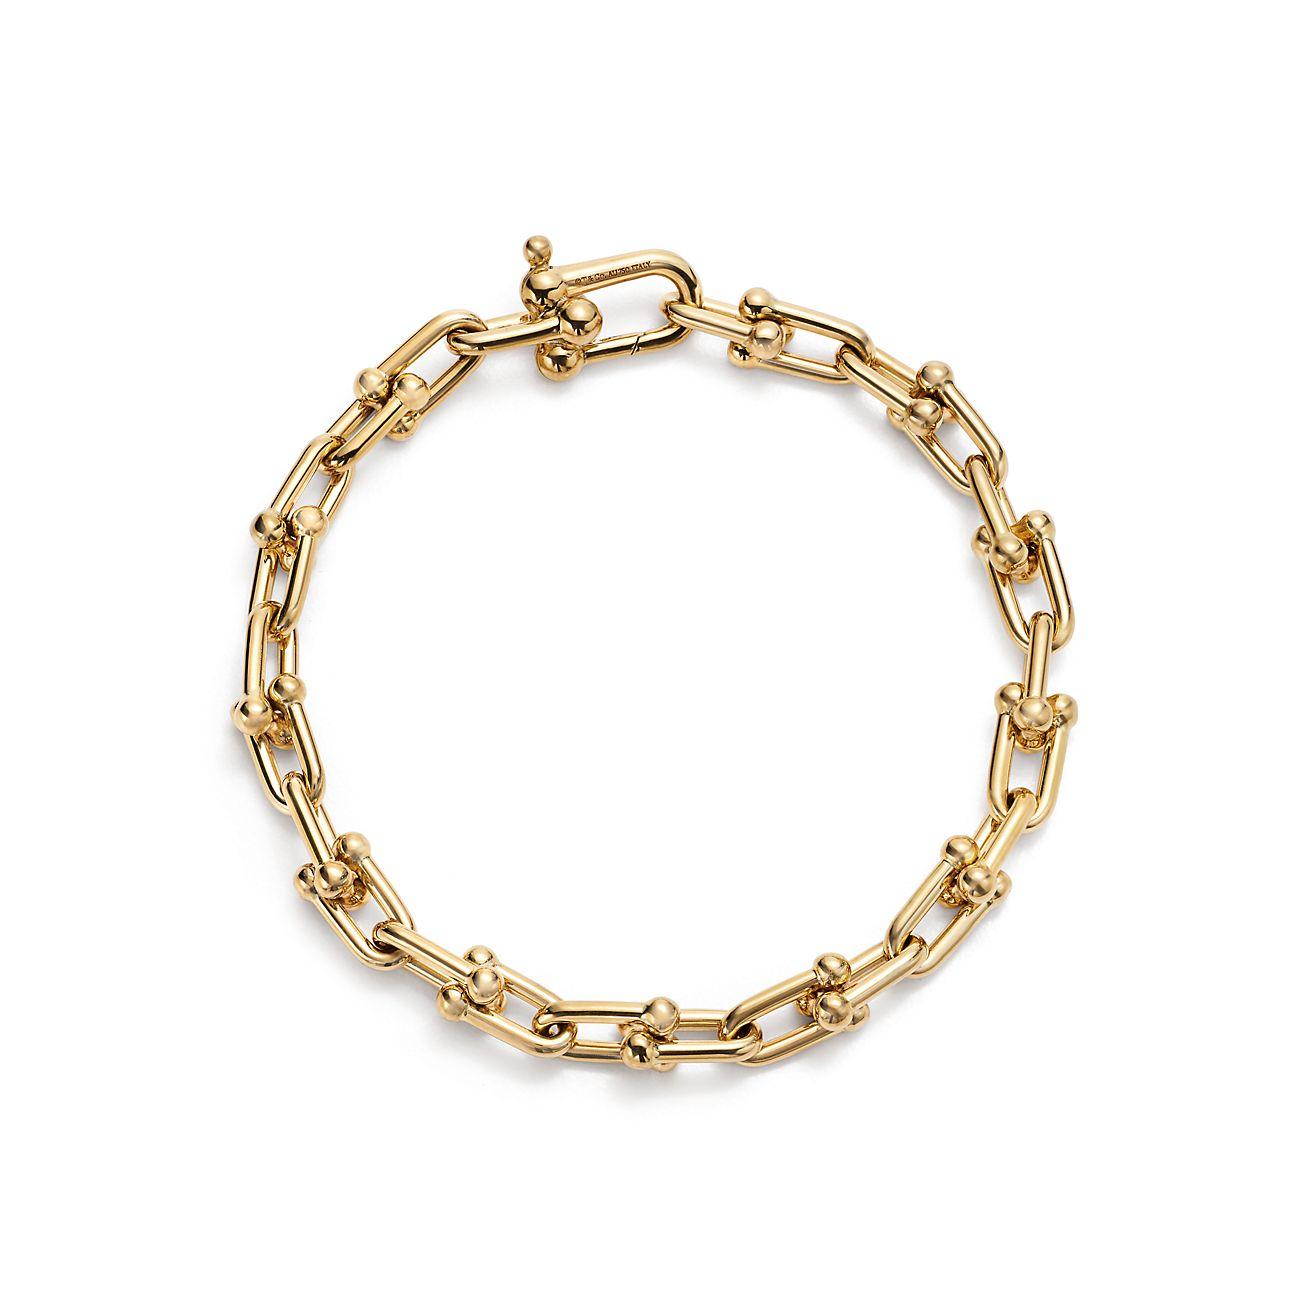 Tiffany Hardwear 18k Gold Link Bracelet